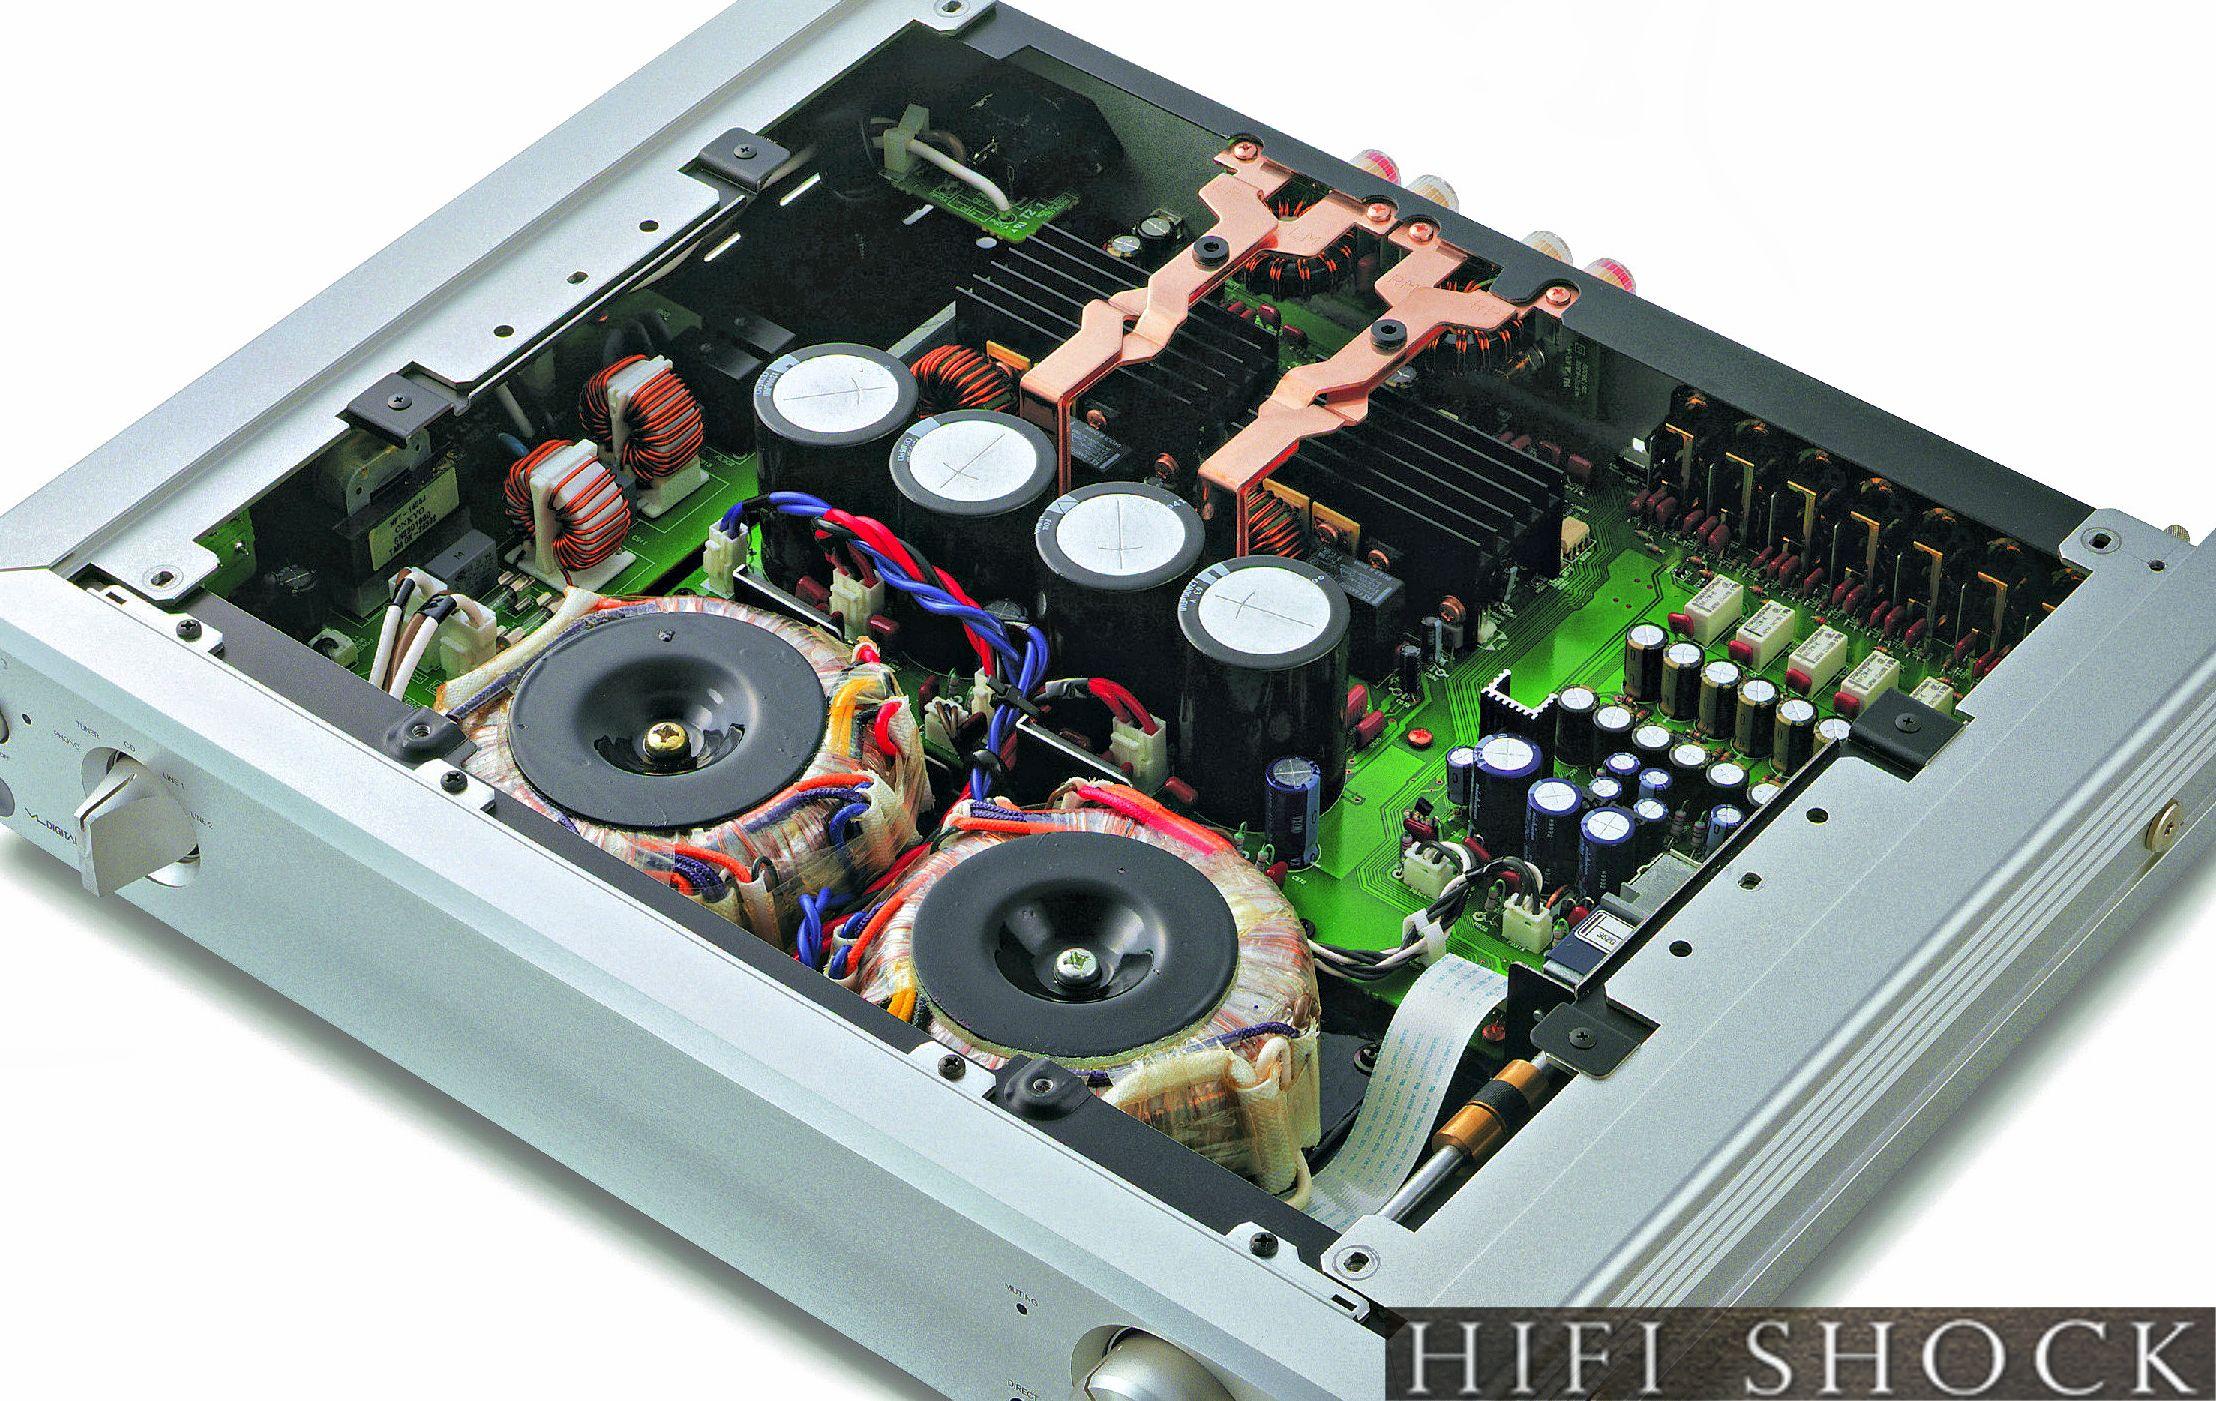 Amplificadores integrados con doble trafo - Página 2 A-1vl-1b-onkyo